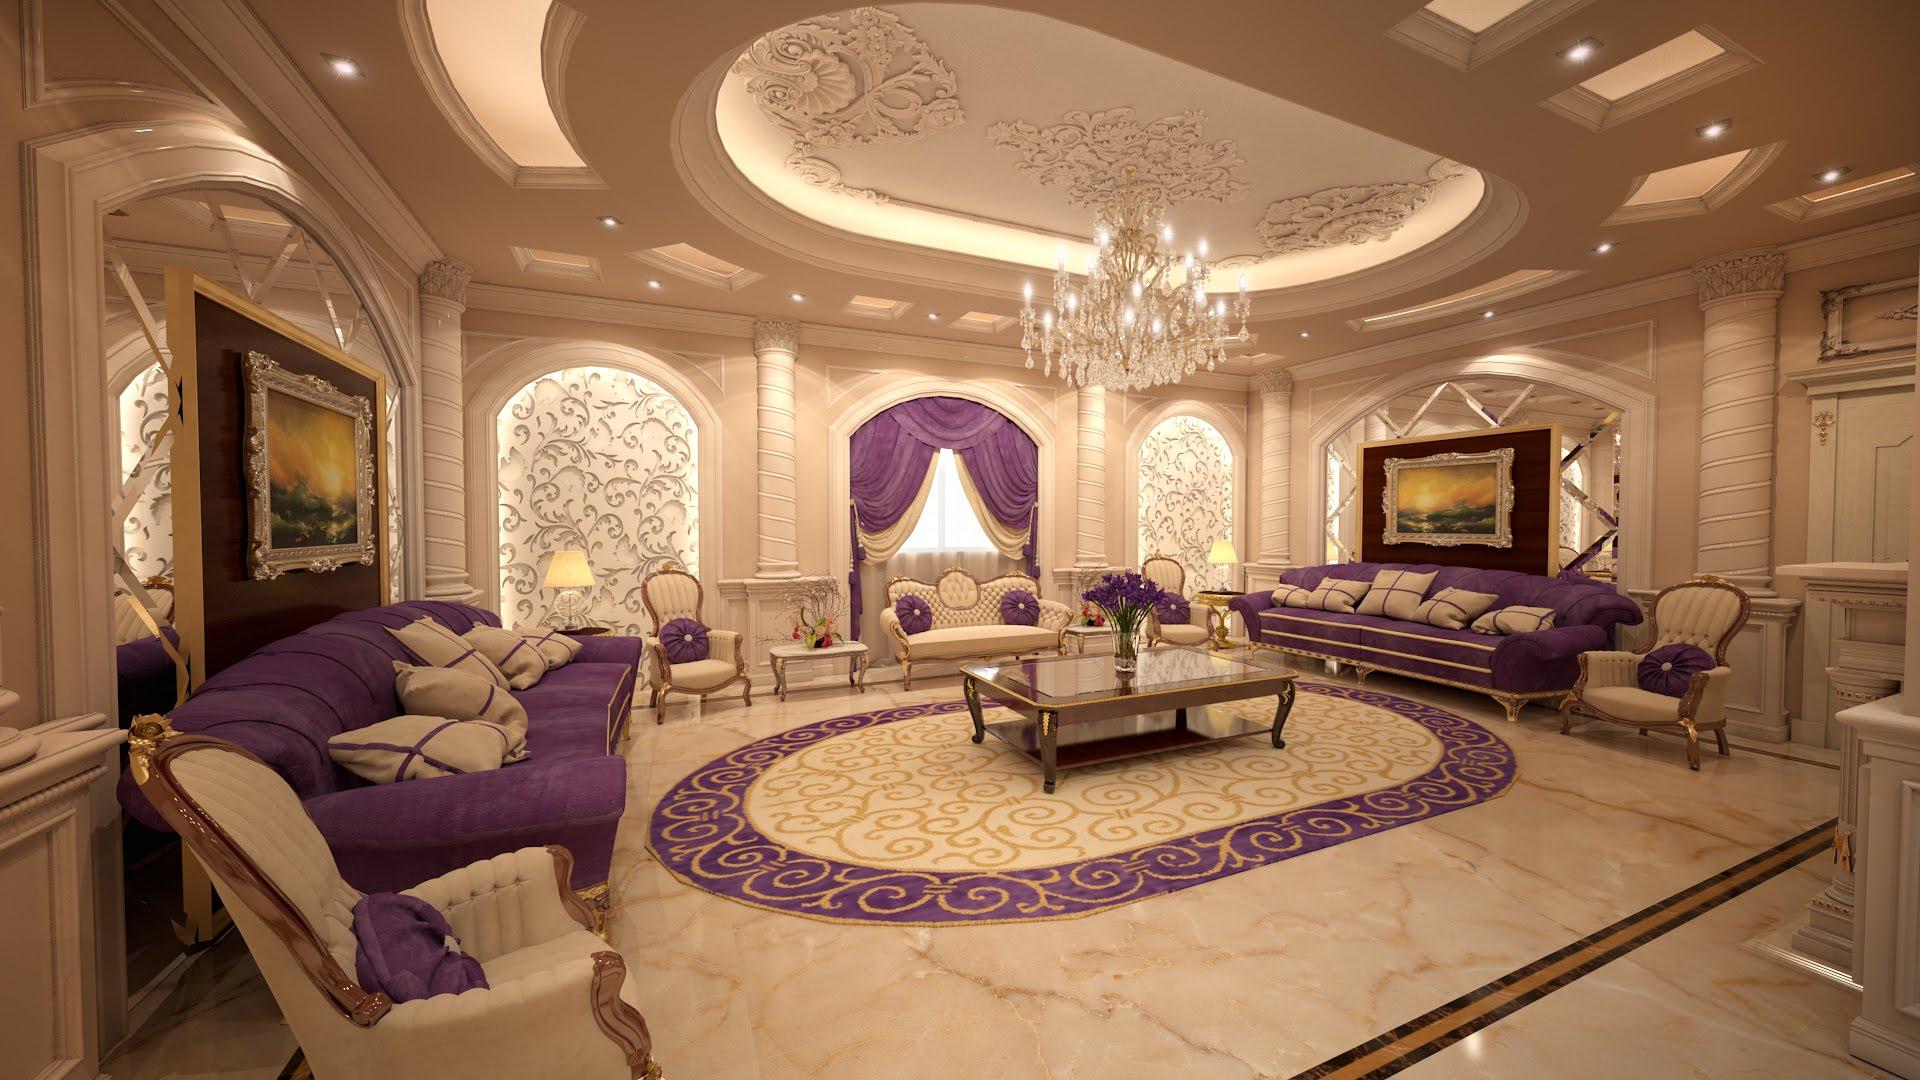 صورة ديكور داخلي , التصميمات الداخليه لديكورات المنازل